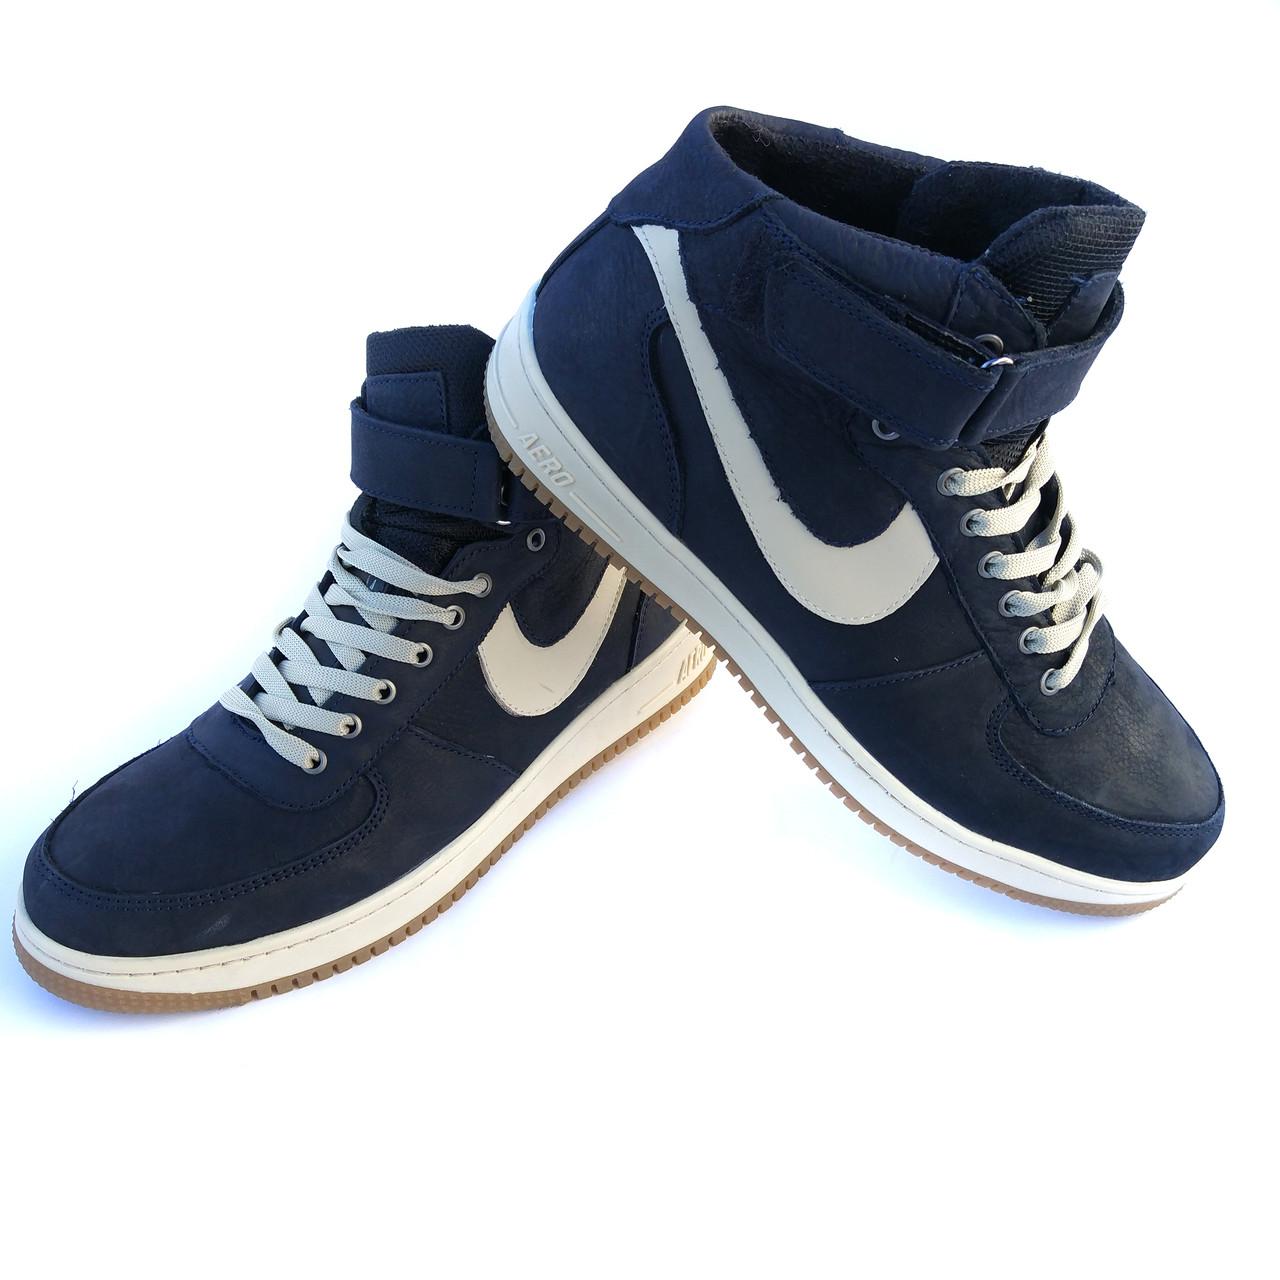 Зимние кожаные кроссовки мужские konors  темно-синего цвета, на шерсти, от  украинского fe4ecdac6f4